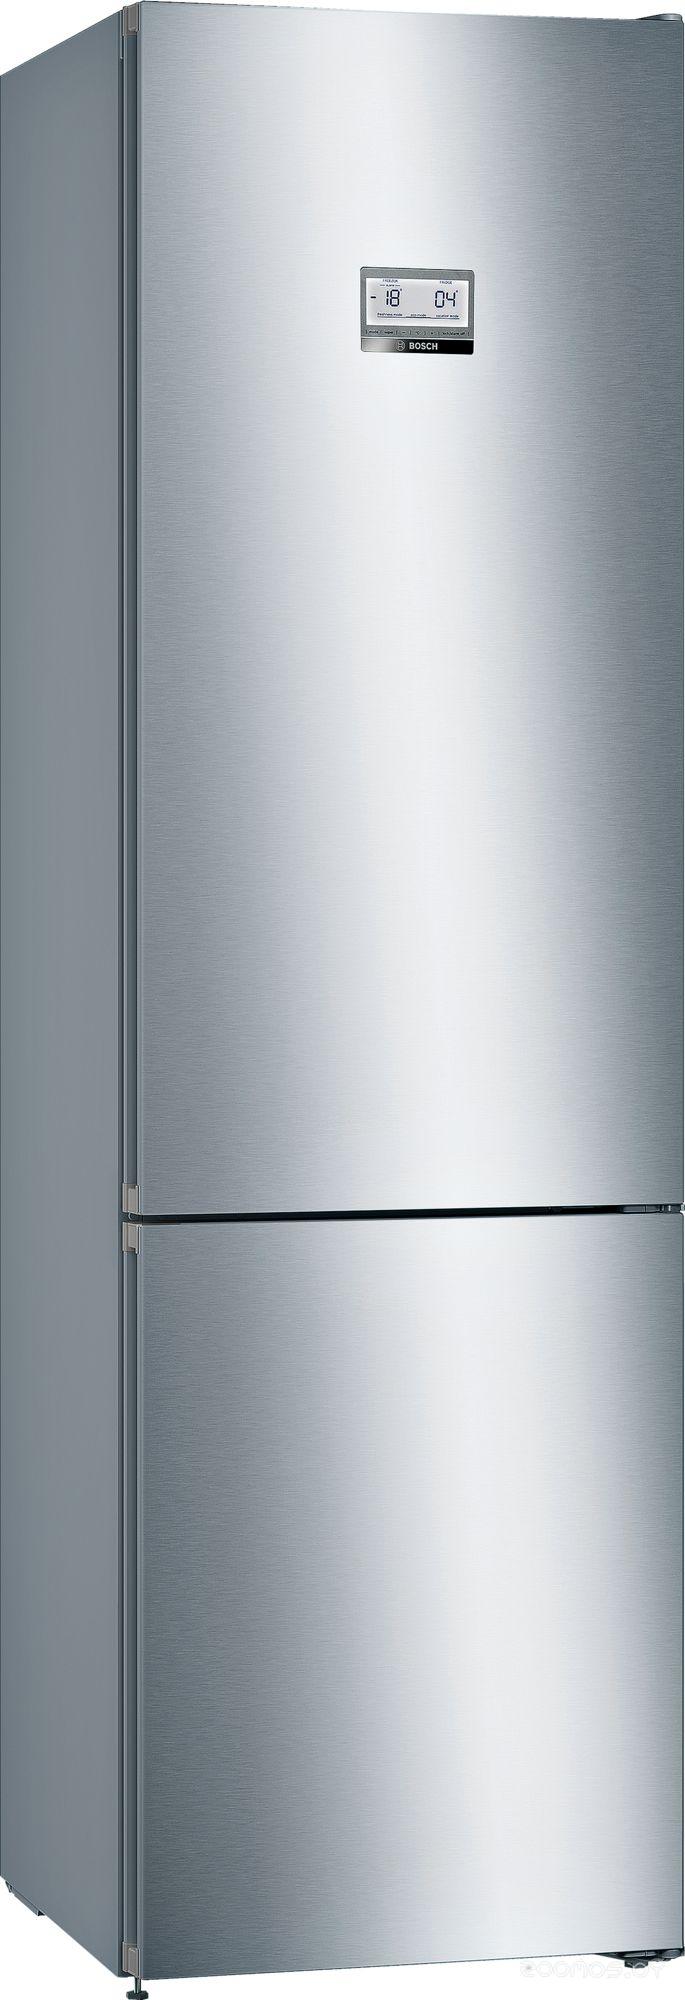 Холодильник с нижней морозильной камерой Bosch KGN39AI31R